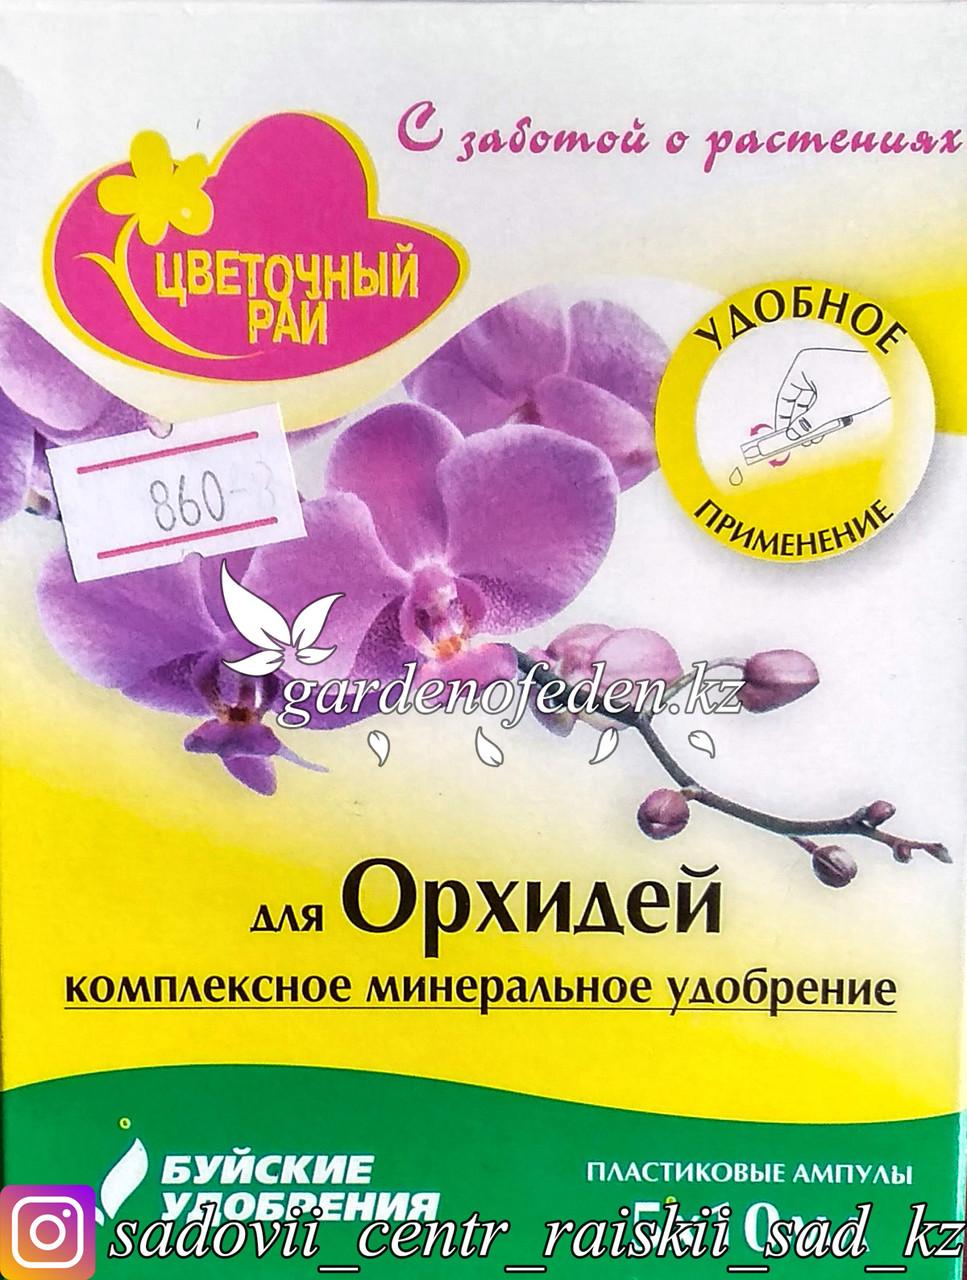 Буйские удобрения. Цветочный рай. Комплексное минеральное удобрение для орхидей. Ампулы 5x10мл.